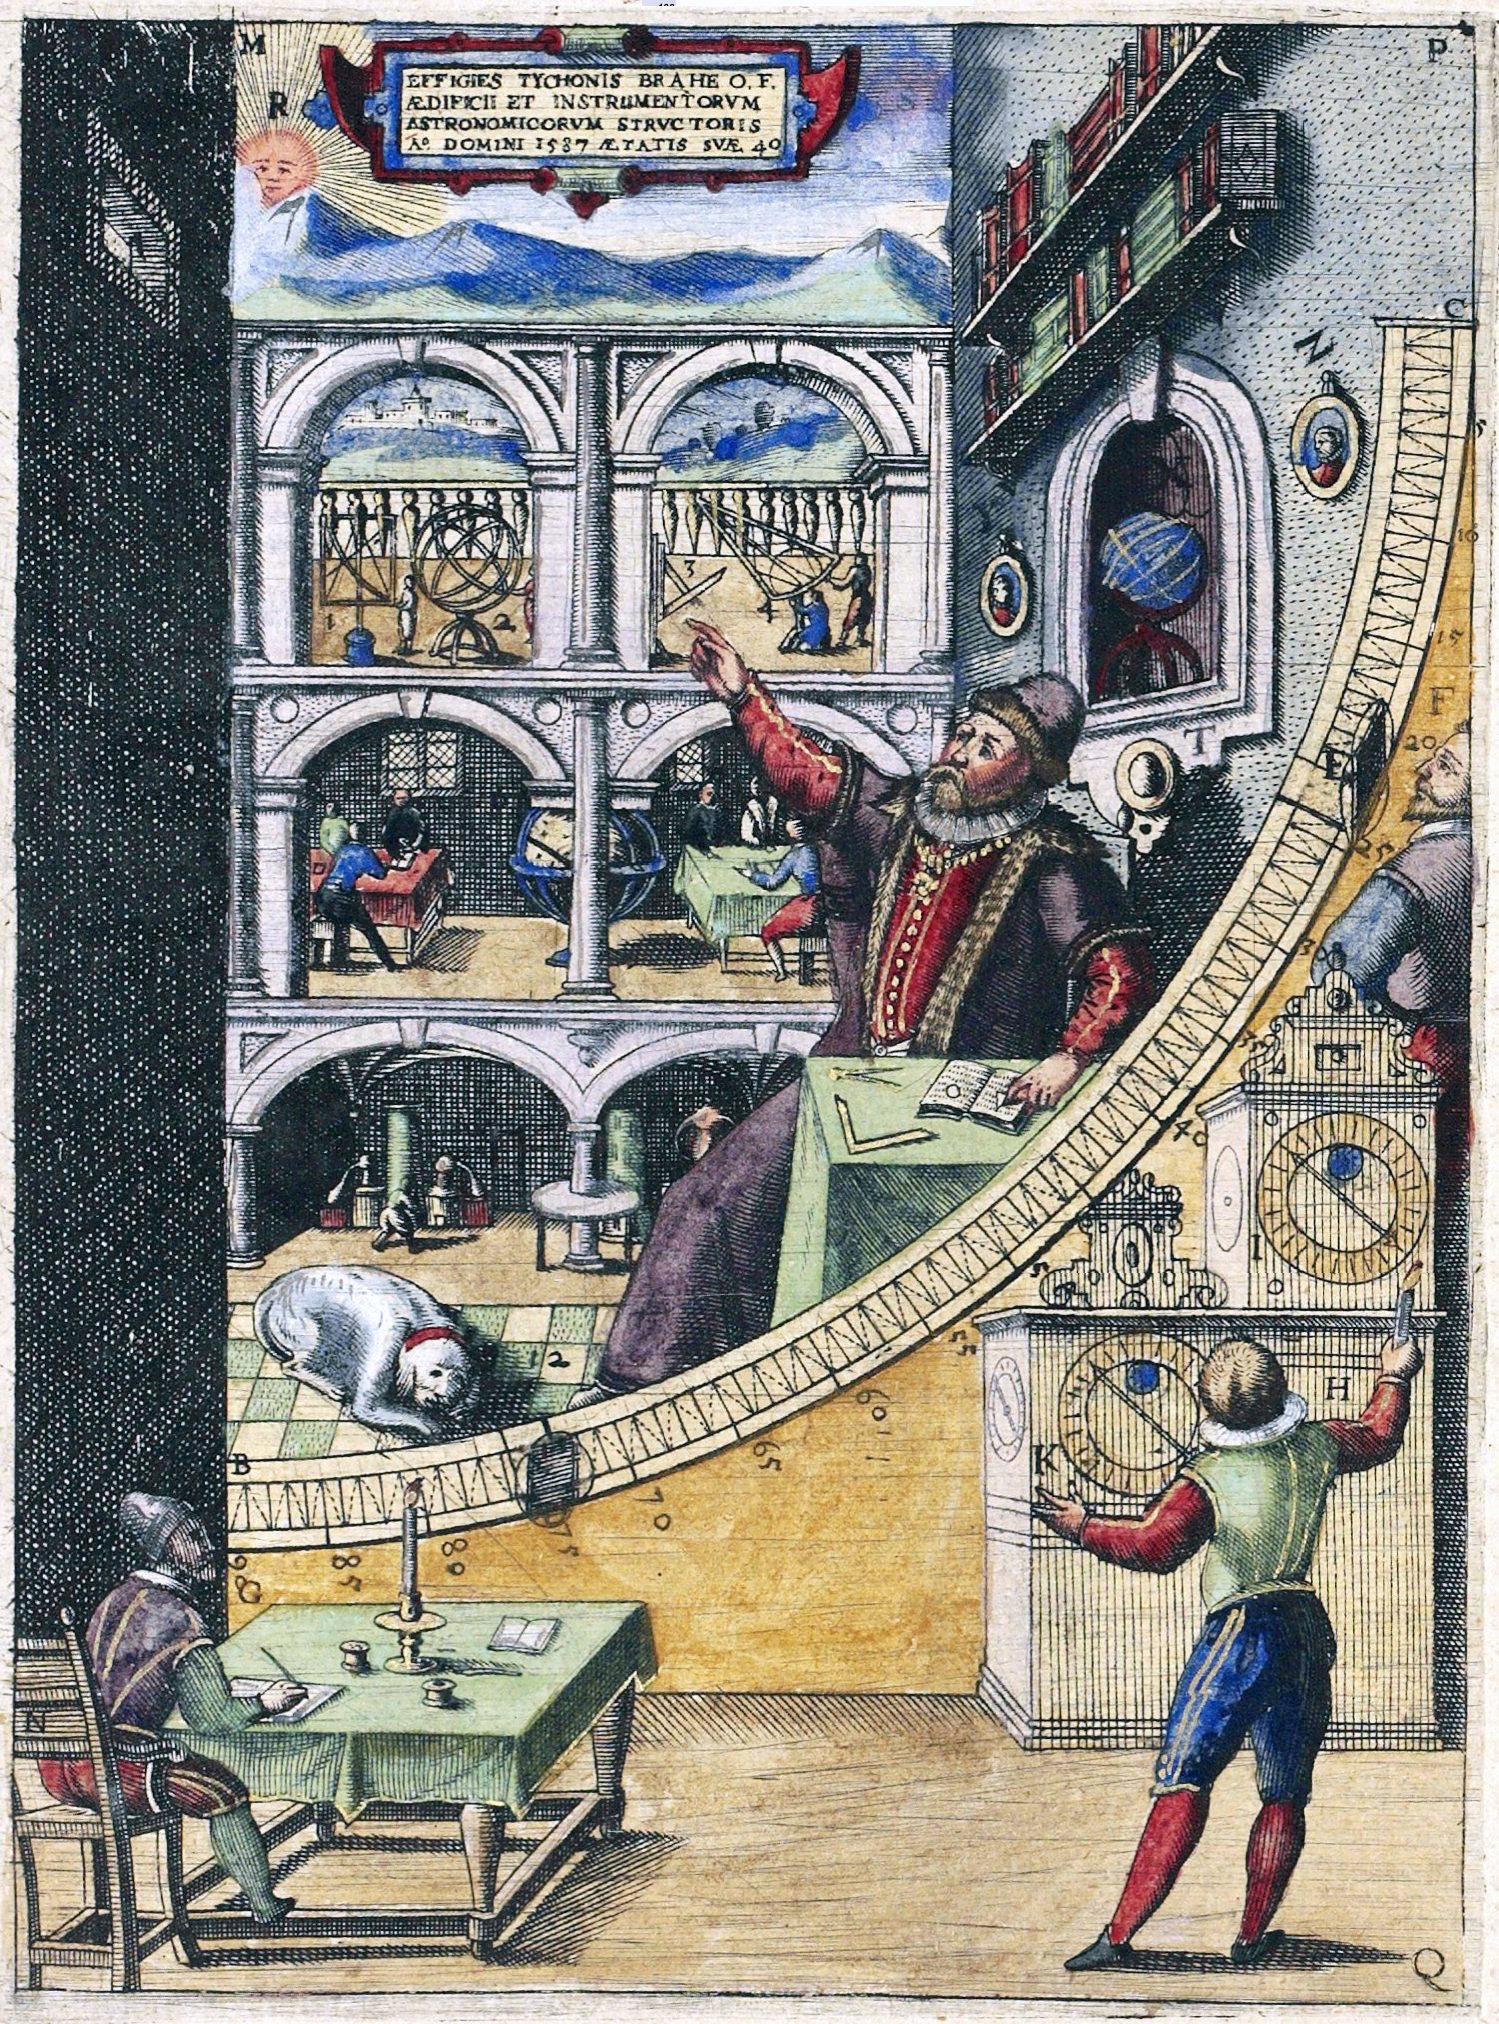 Tycho Brahe's mural quadrant in Uranienborg